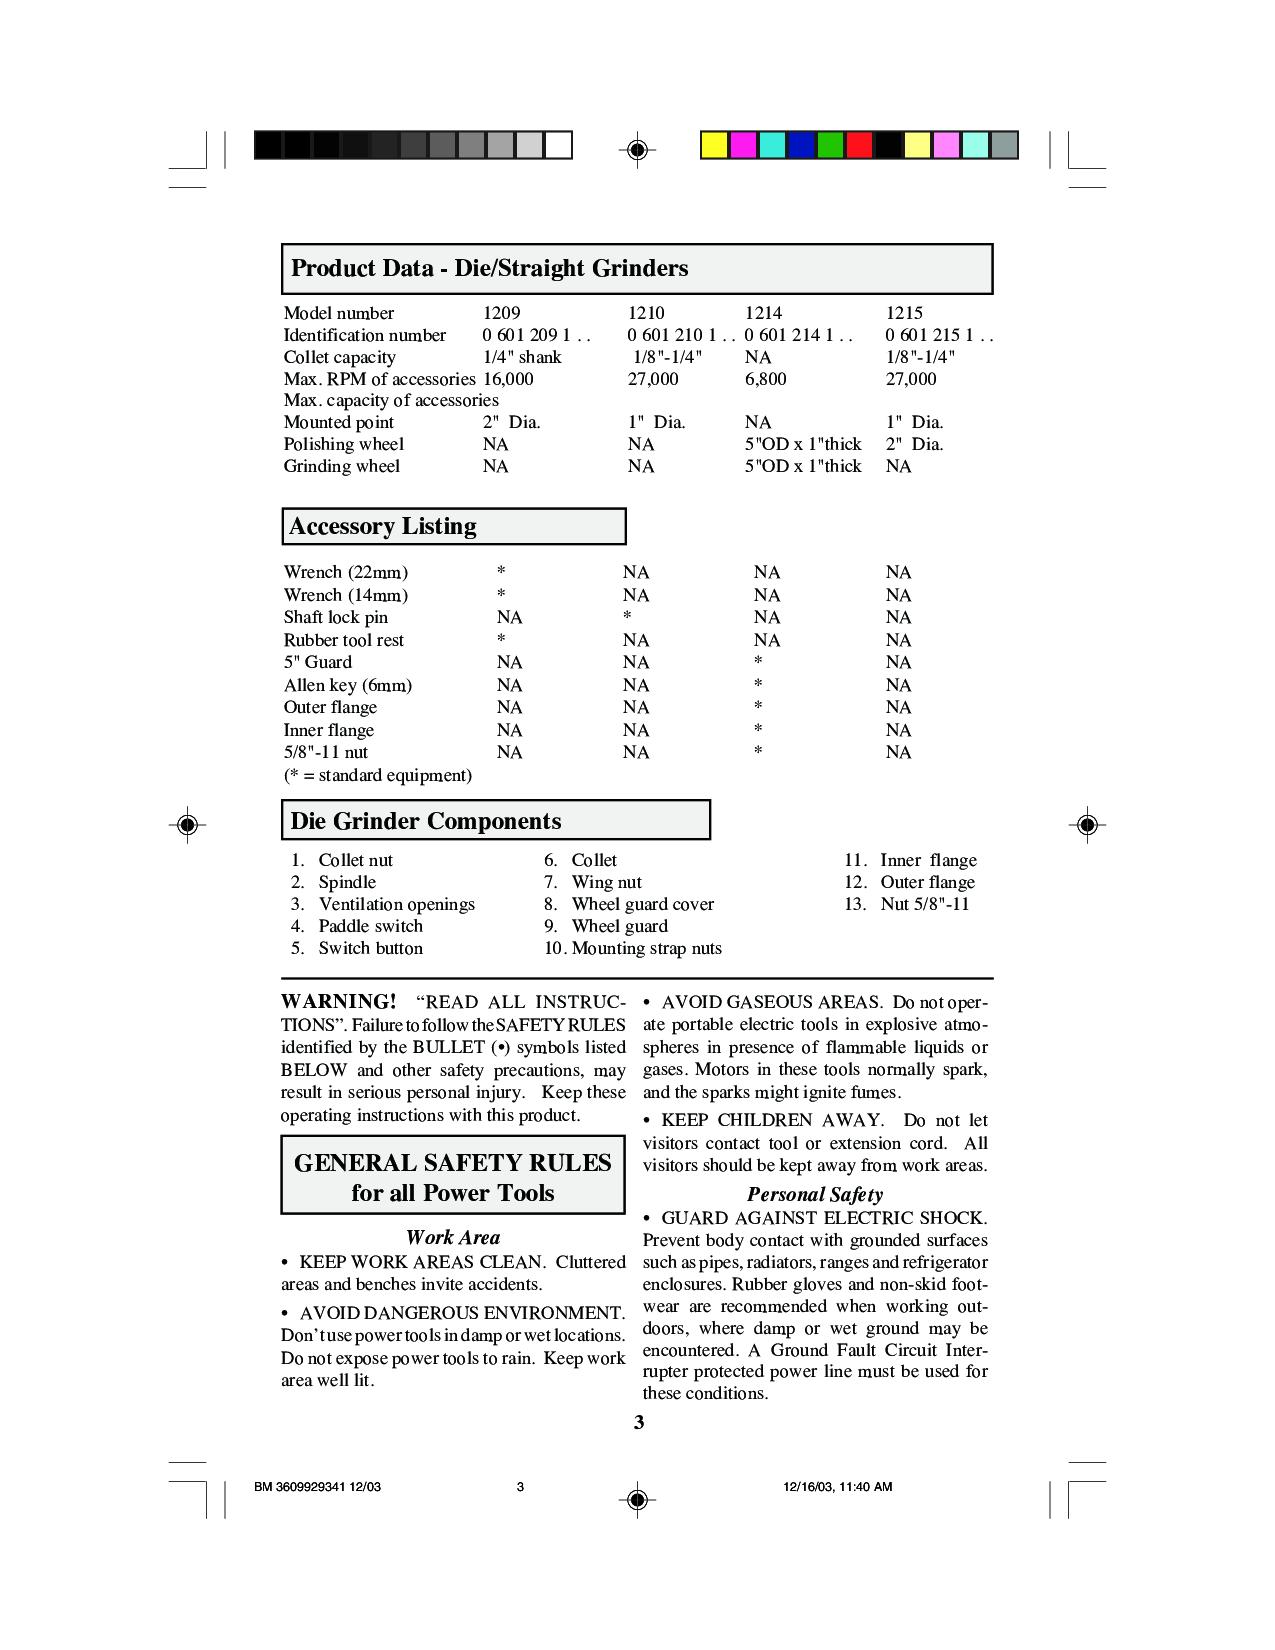 Bosch 1210, 1215, 1214, 1209 User Manual